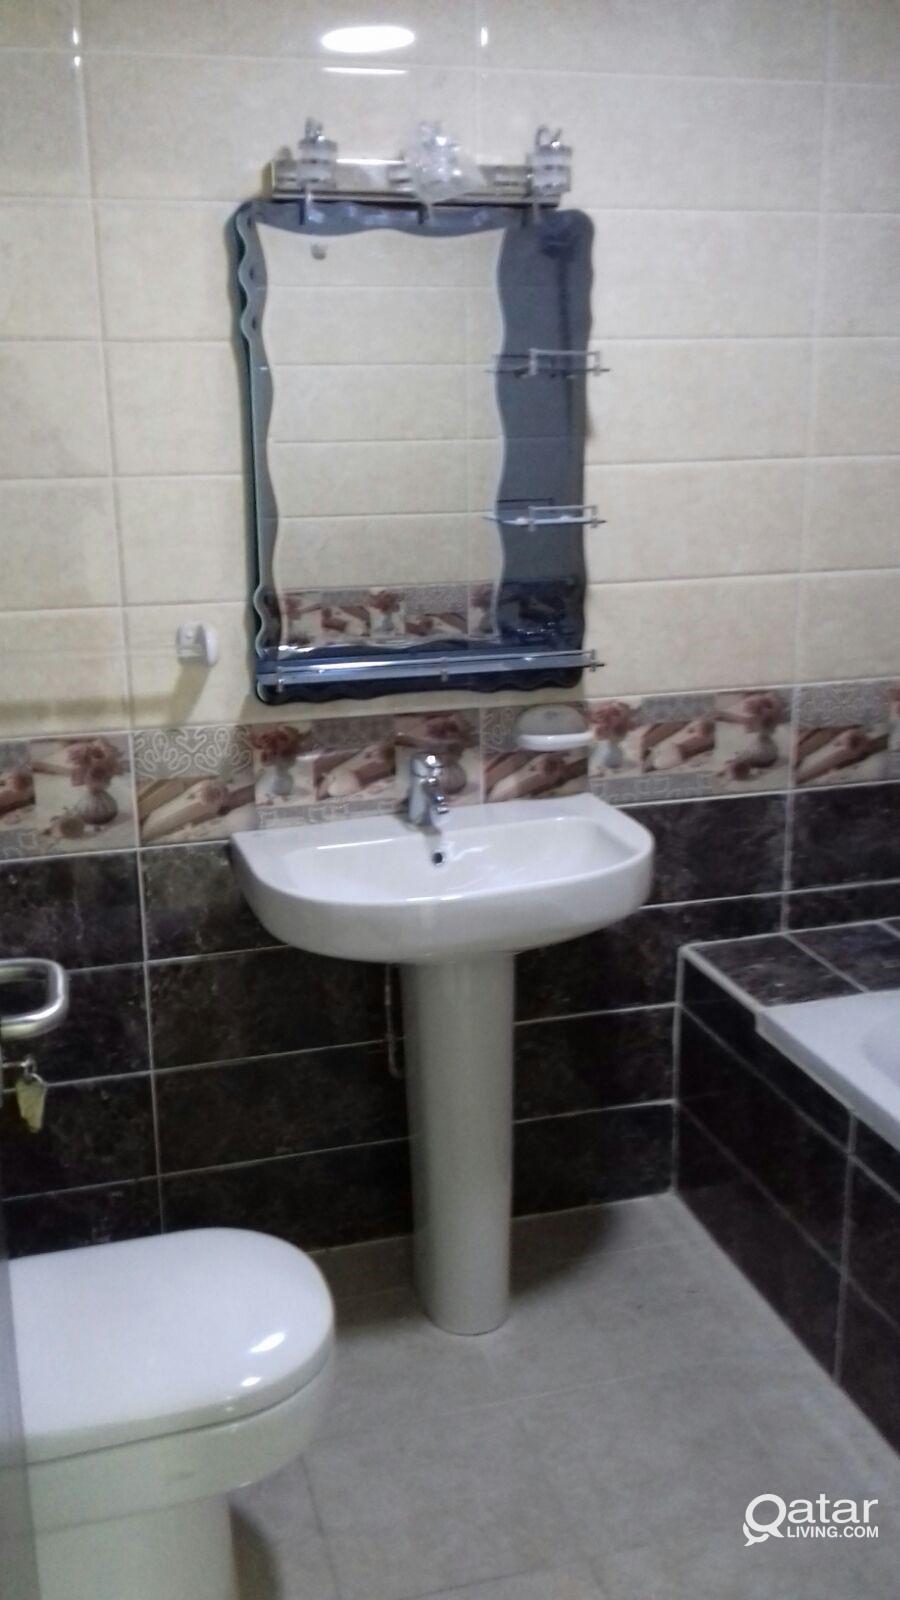 For Rent Studios Apartment in Almuntazah area